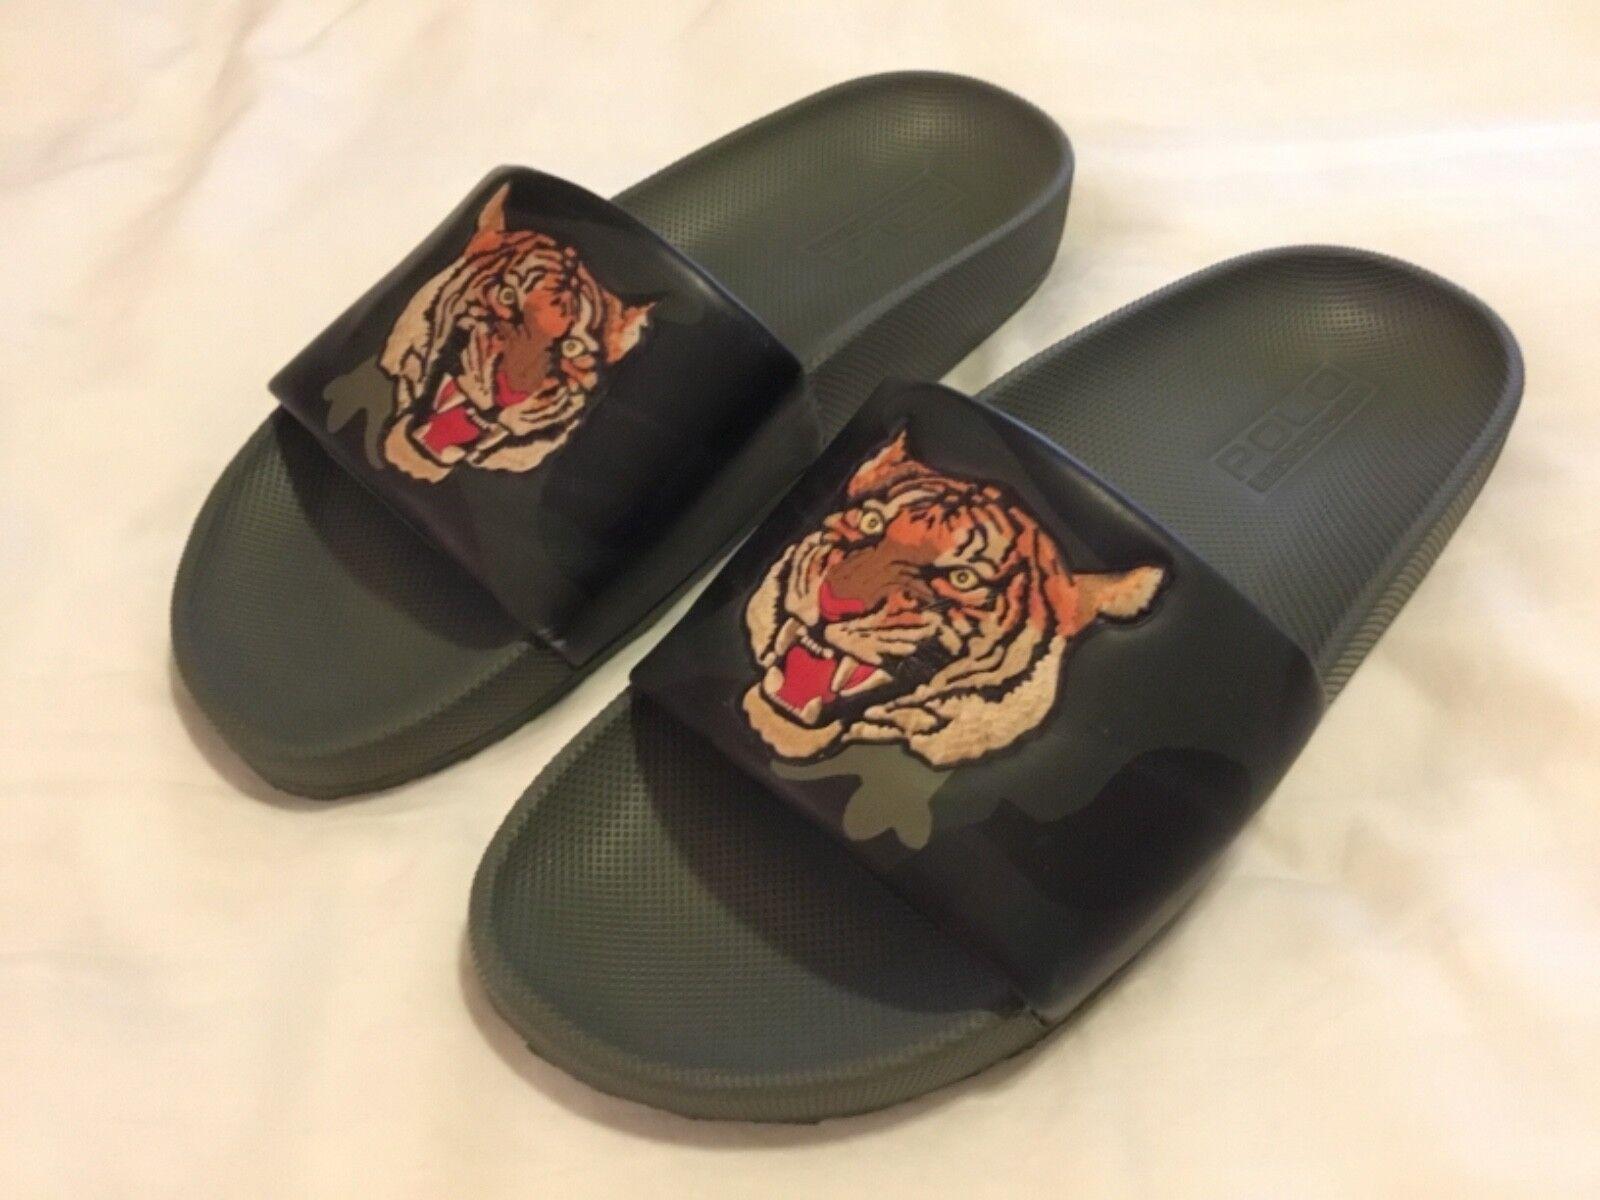 Nuevo Sandalias de Hombre Ralph Lauren Polo con Estampado de Tigre en relieve, 9D